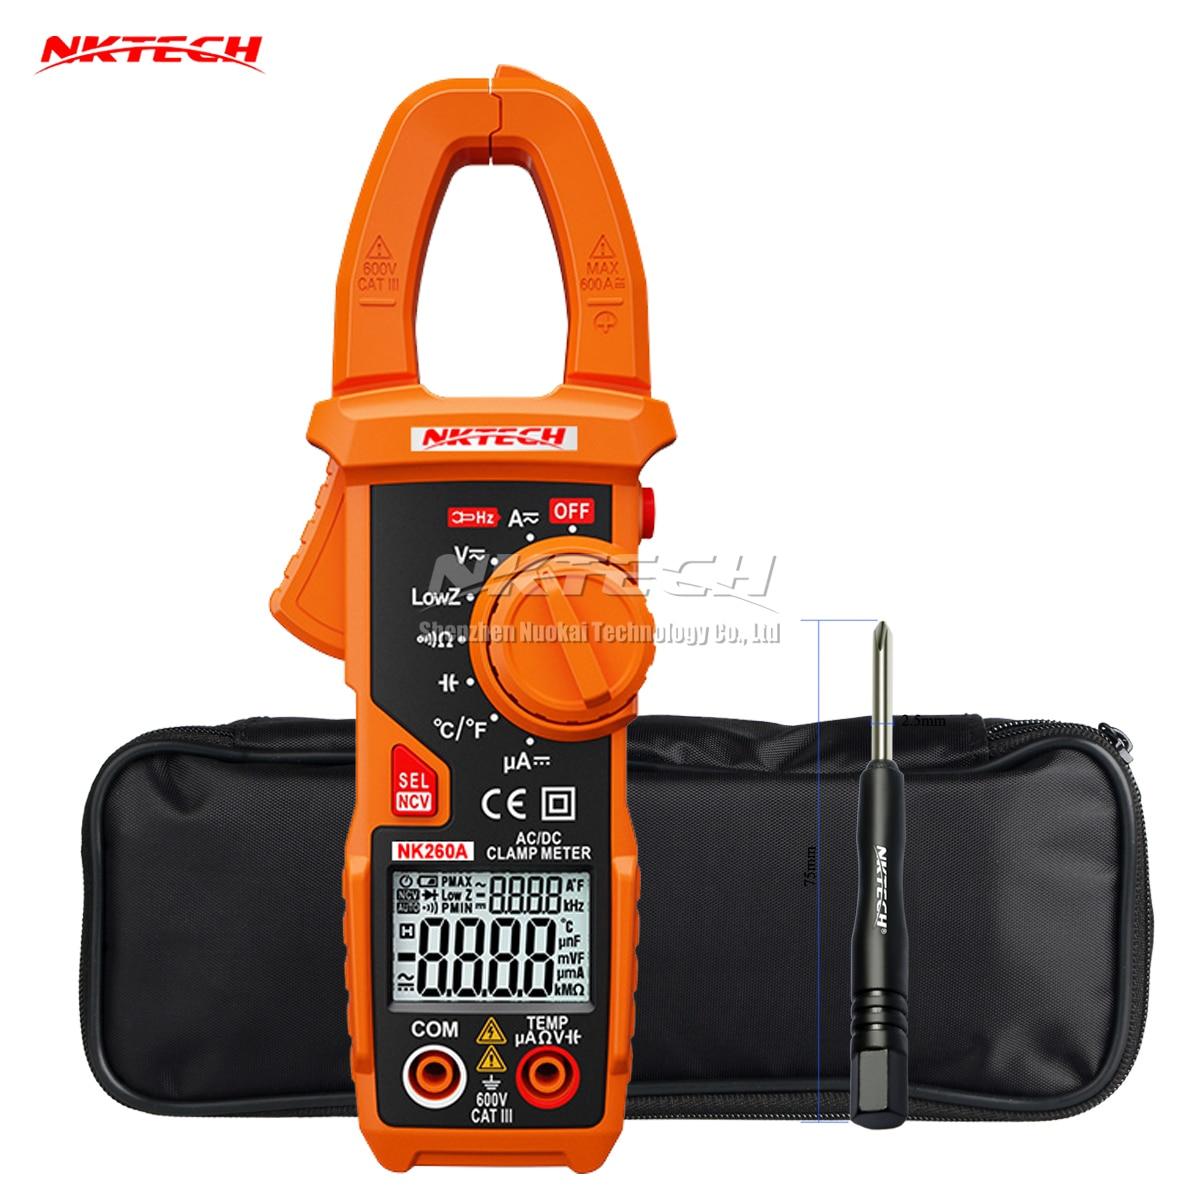 NKTECH NK260A Numérique Pince Multimètre Température AC DC Tension Courant Résistance Capacité Fréquence Auto Reconnaître V/Ohm/Un Test